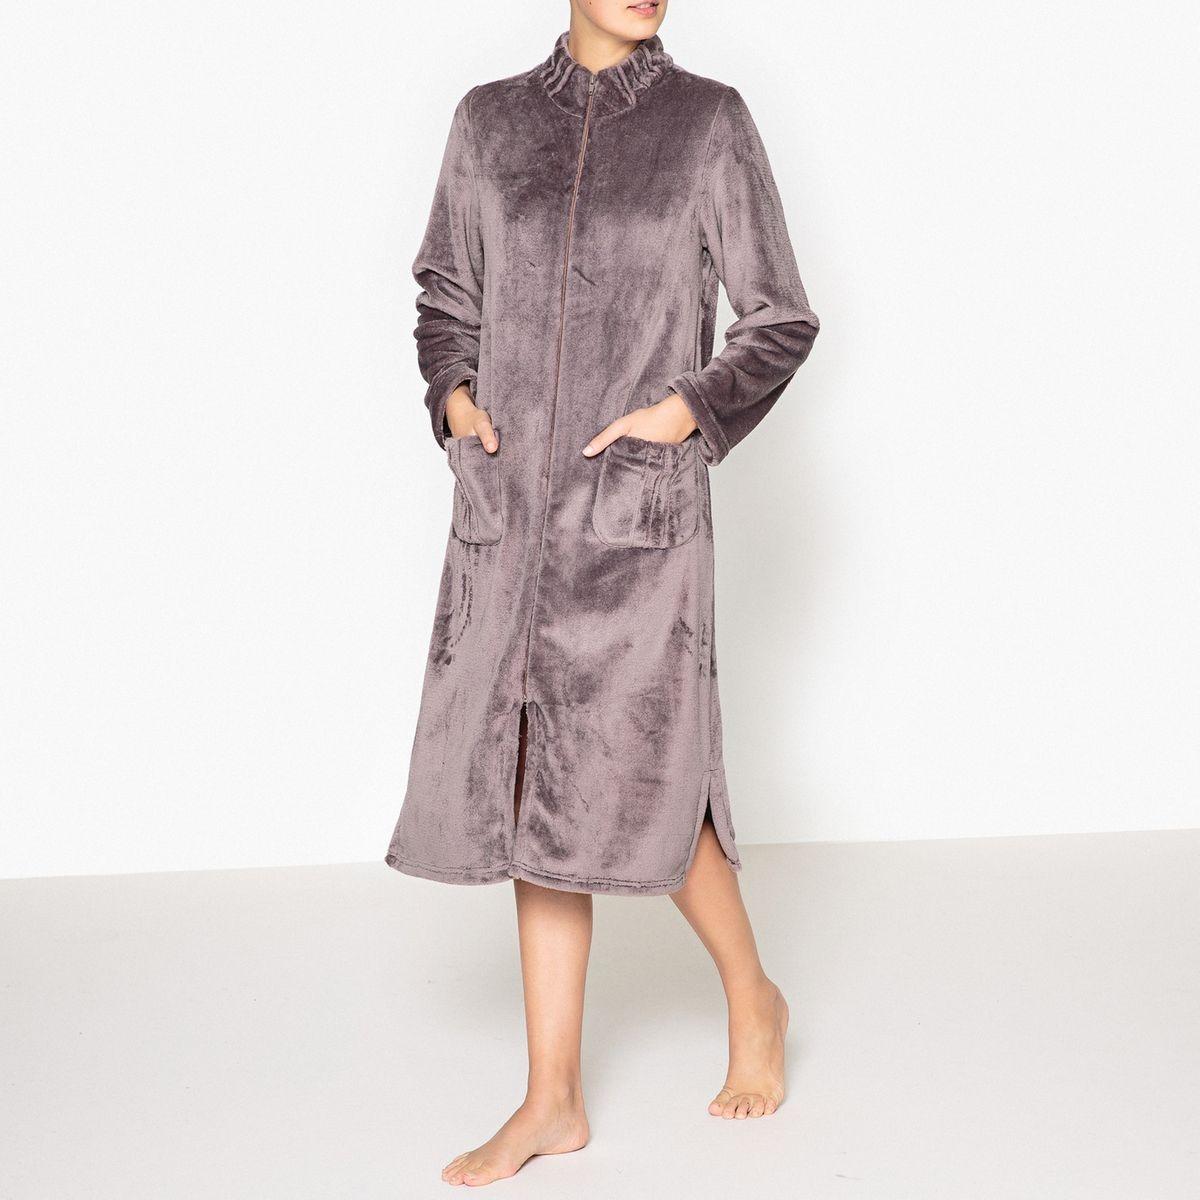 Robe chic anne weyburn